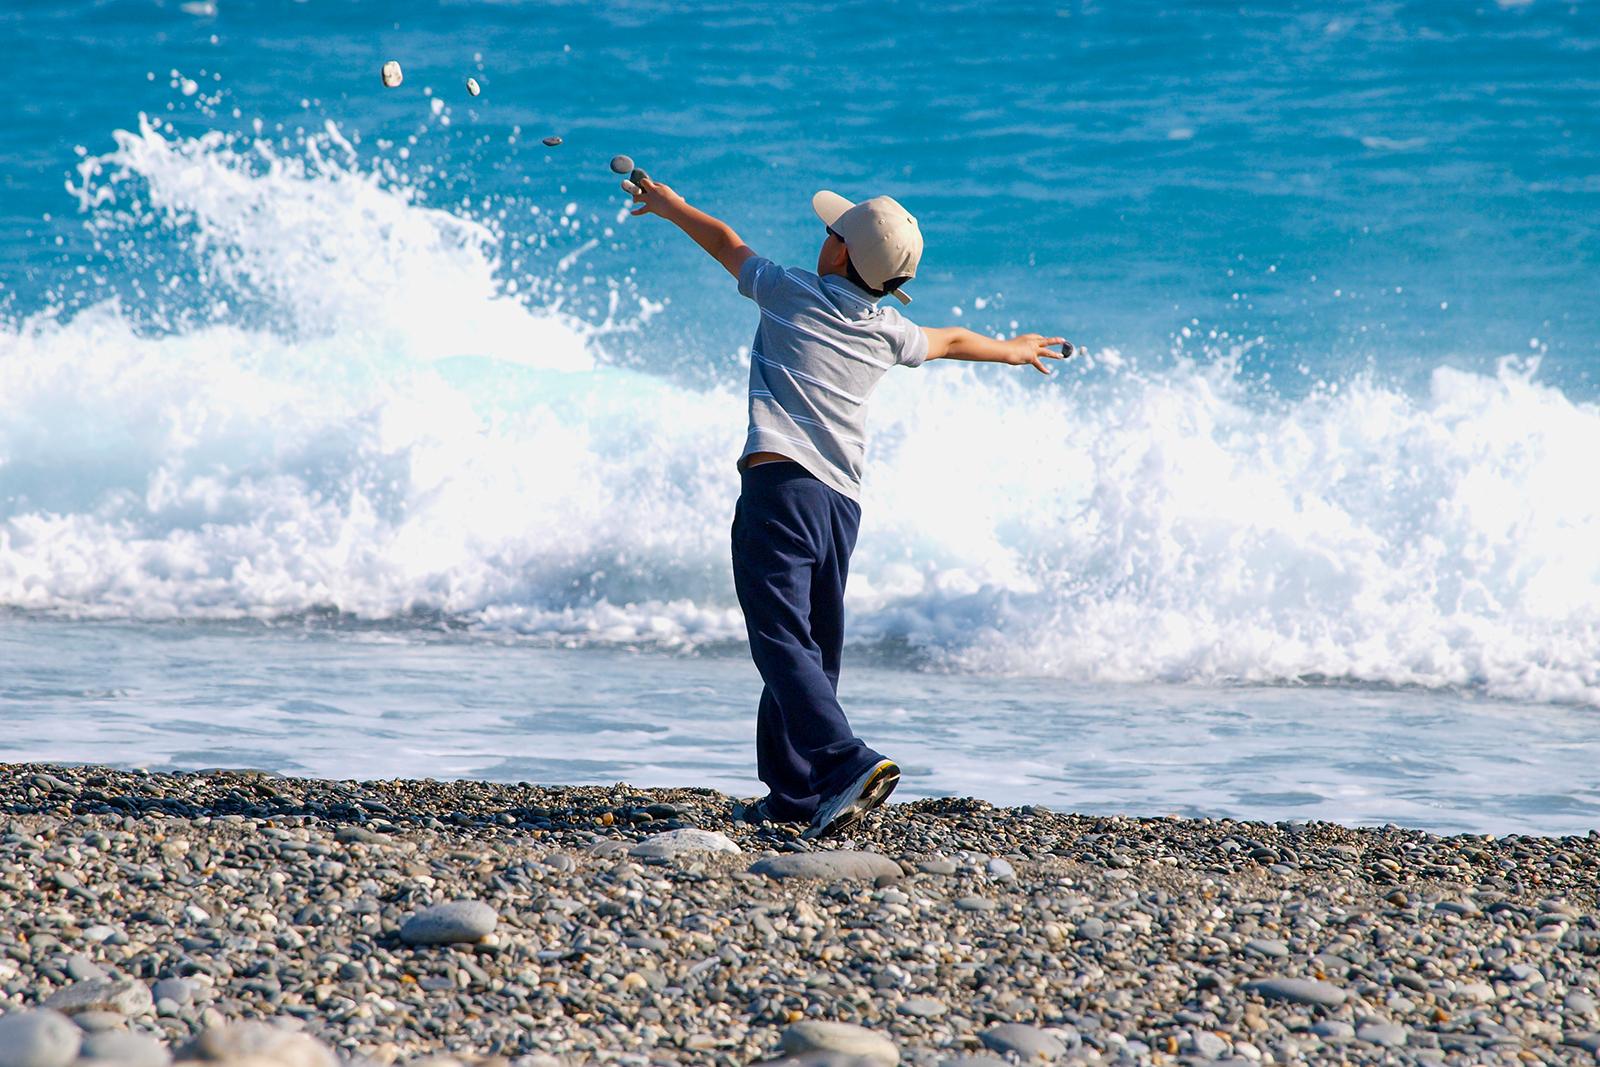 2020年8月30日,花蓮七星潭是著名風景區,經常有小童在海邊檢拾石頭玩耍。(鍾廣政攝)